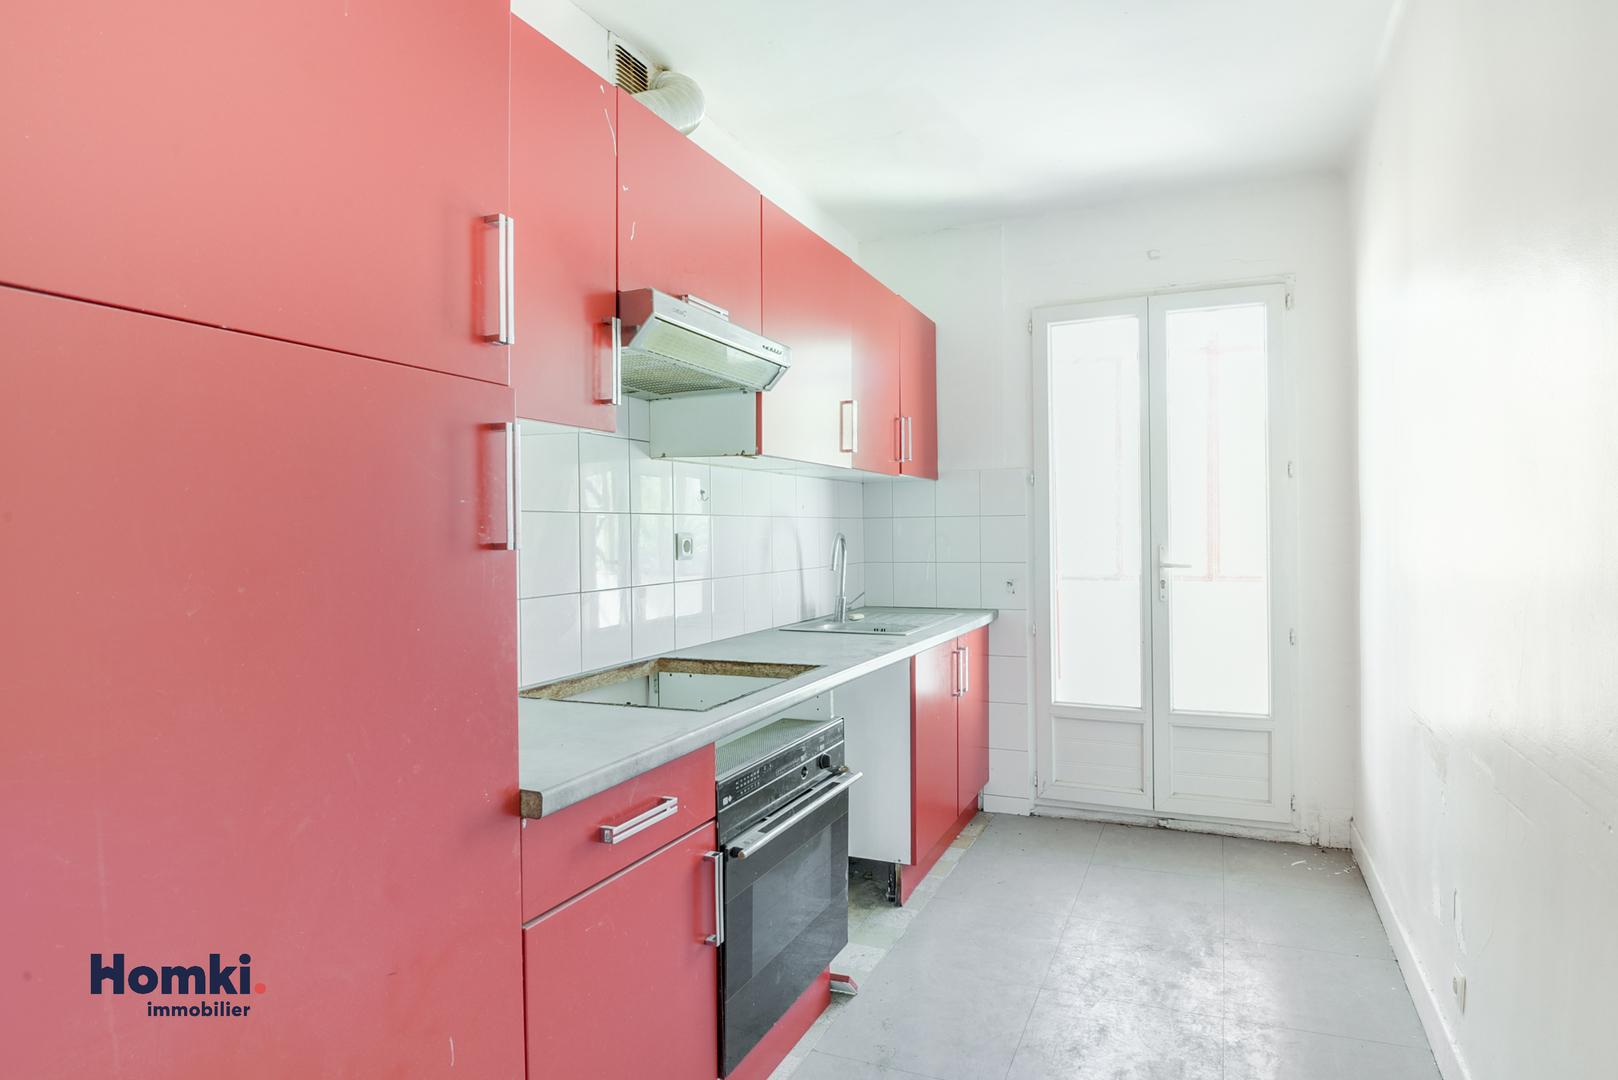 Vente Appartement 51 m² T3 13014_6